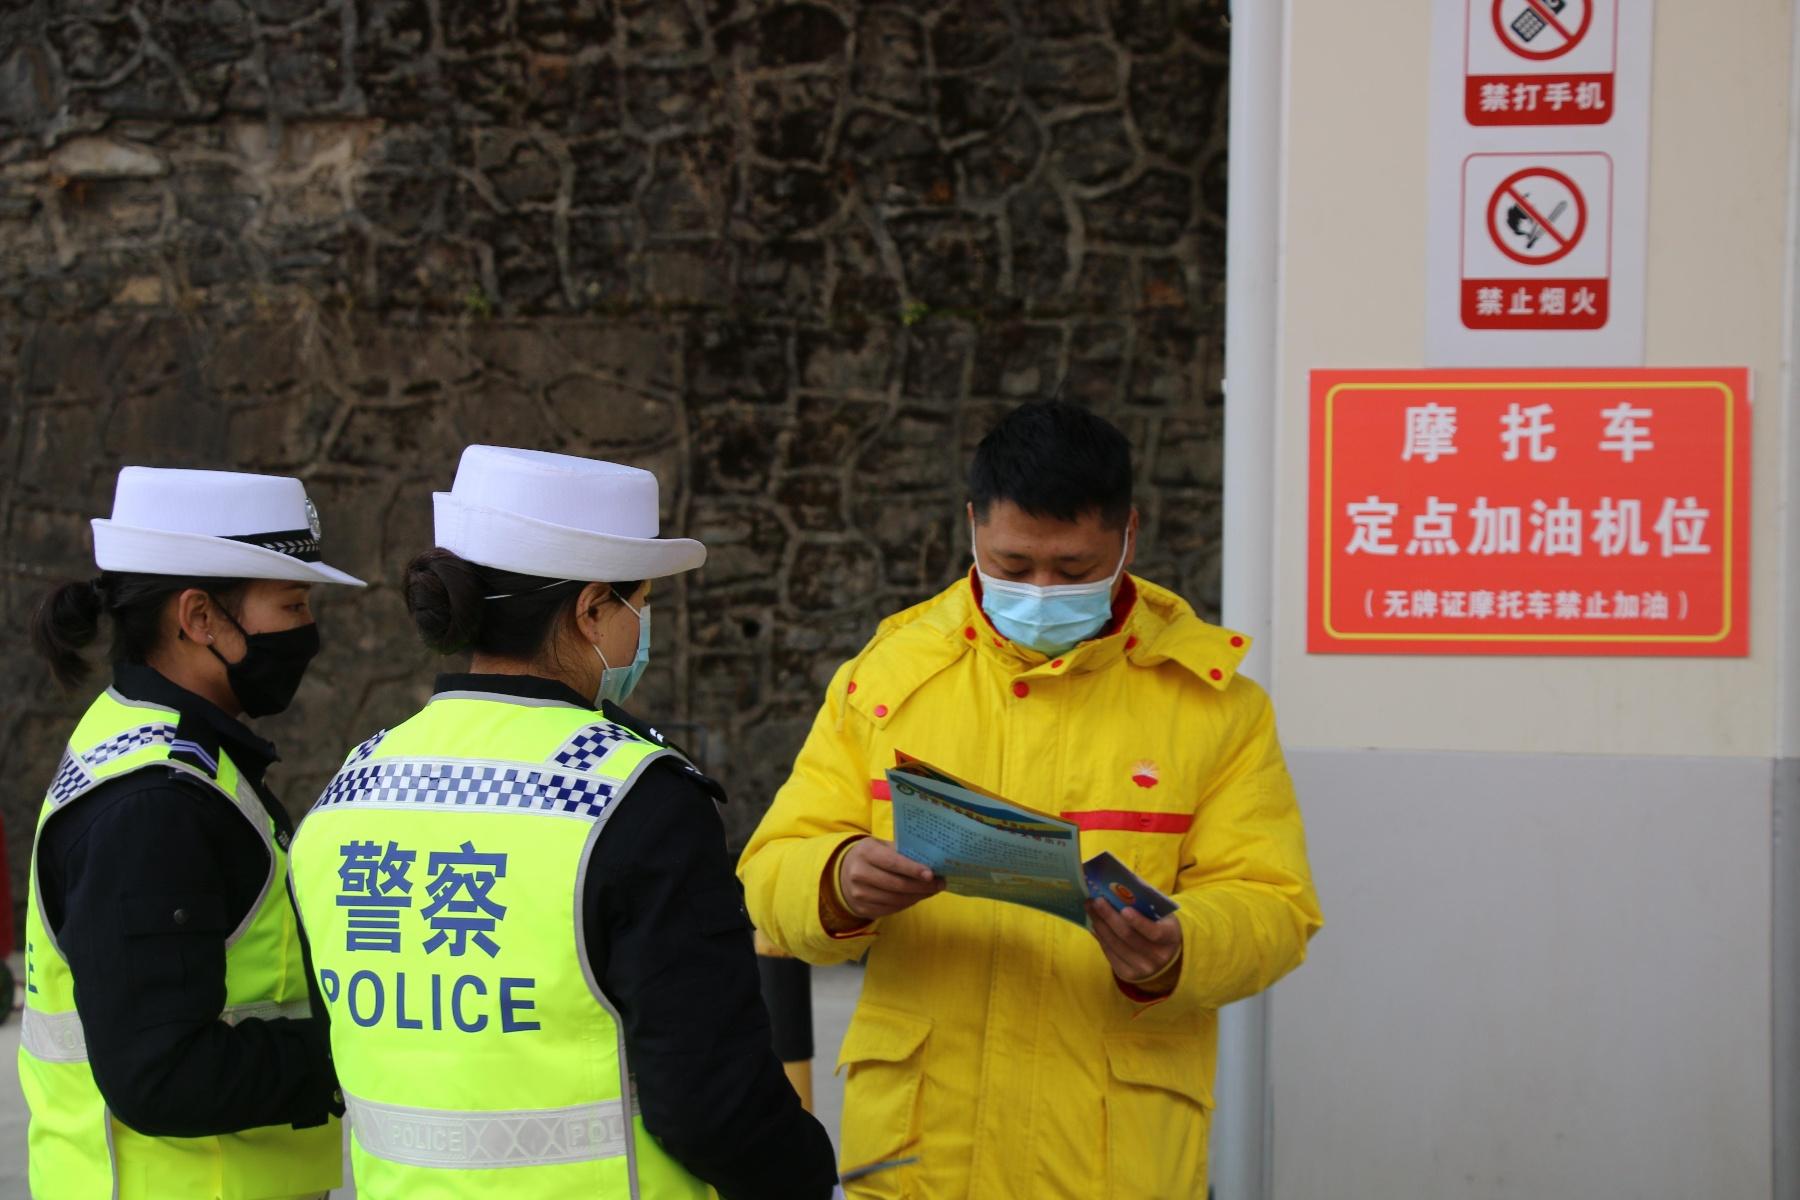 壤塘县公安局交警大队开展全国交通安全日活动